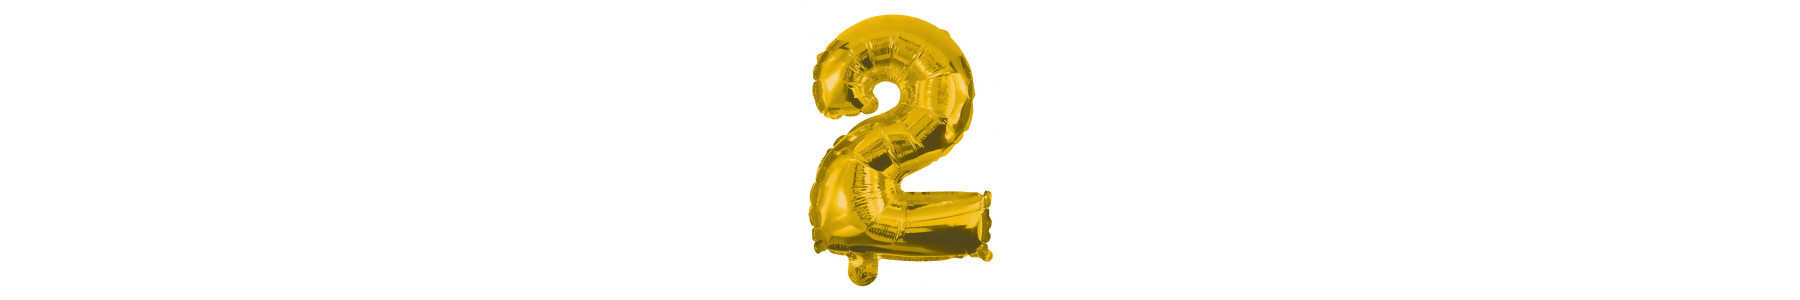 Baloane folie figurine cifre aurii 35 cm